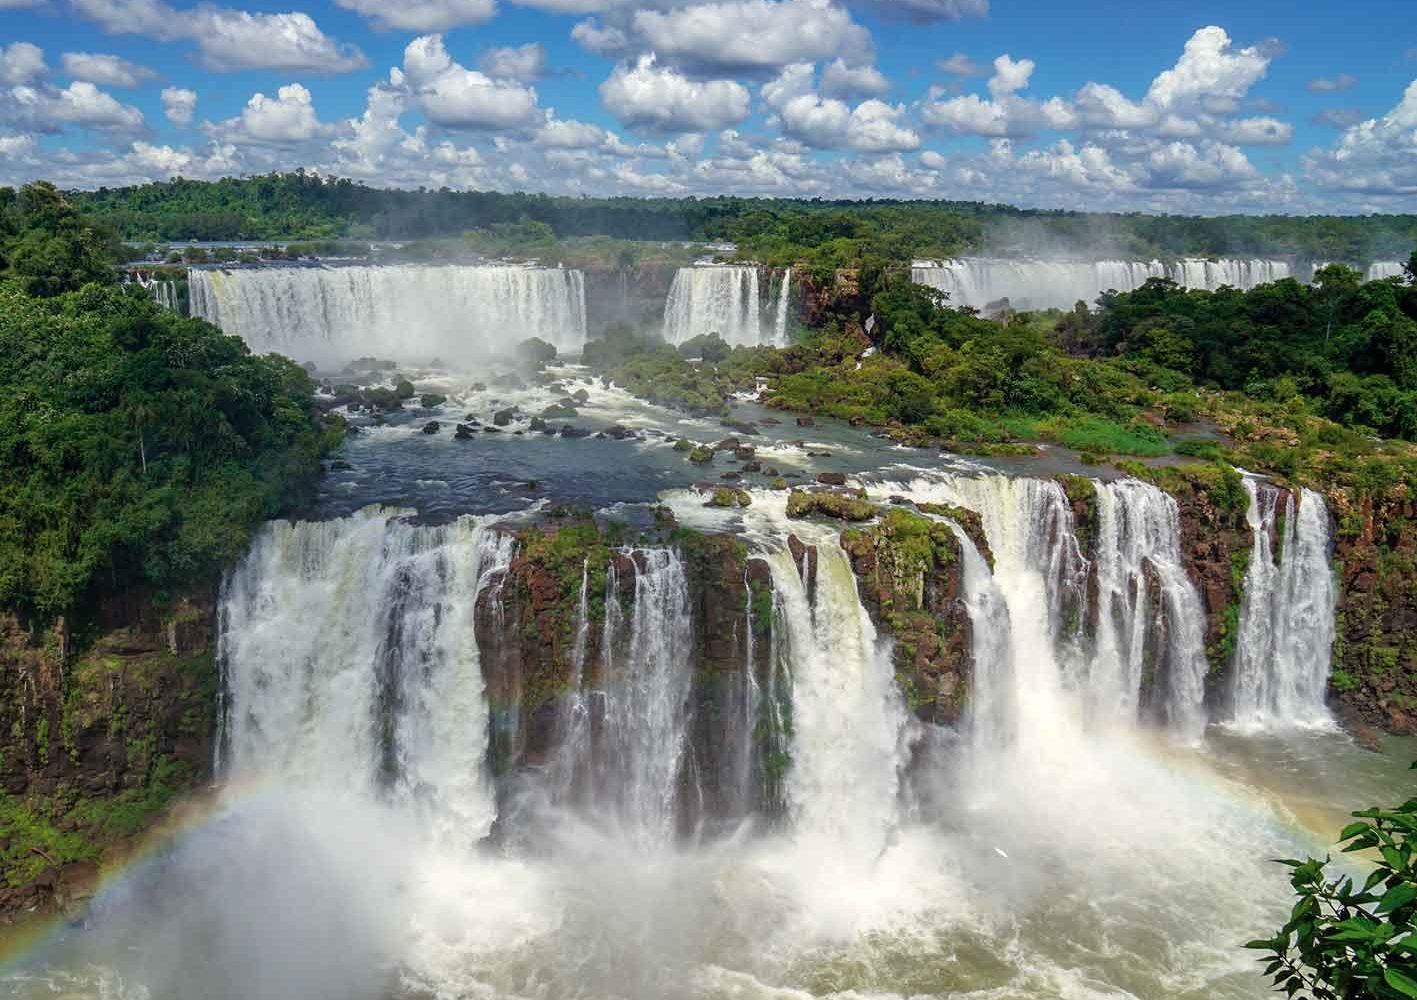 Iguazú-Wasserfälle im Grenzgebiet Argentinien-Brasilien